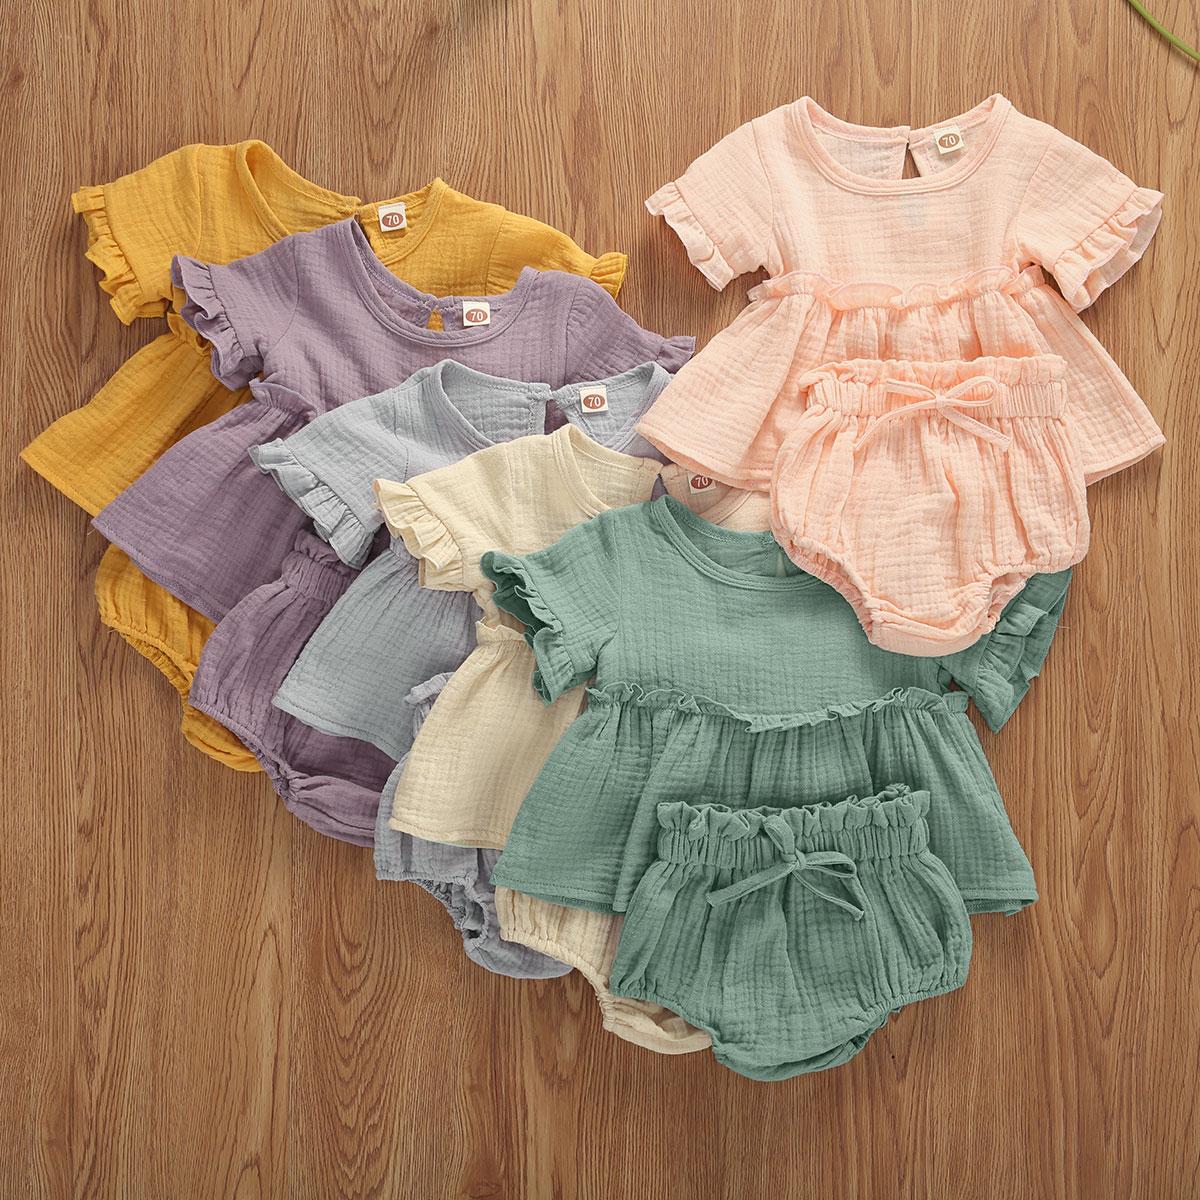 Focusnm 0-24 m bebê recém-nascido infantil meninas meninos conjuntos de roupas algodão macio sólido babados manga curta camisetas tops + shorts 2 pçs